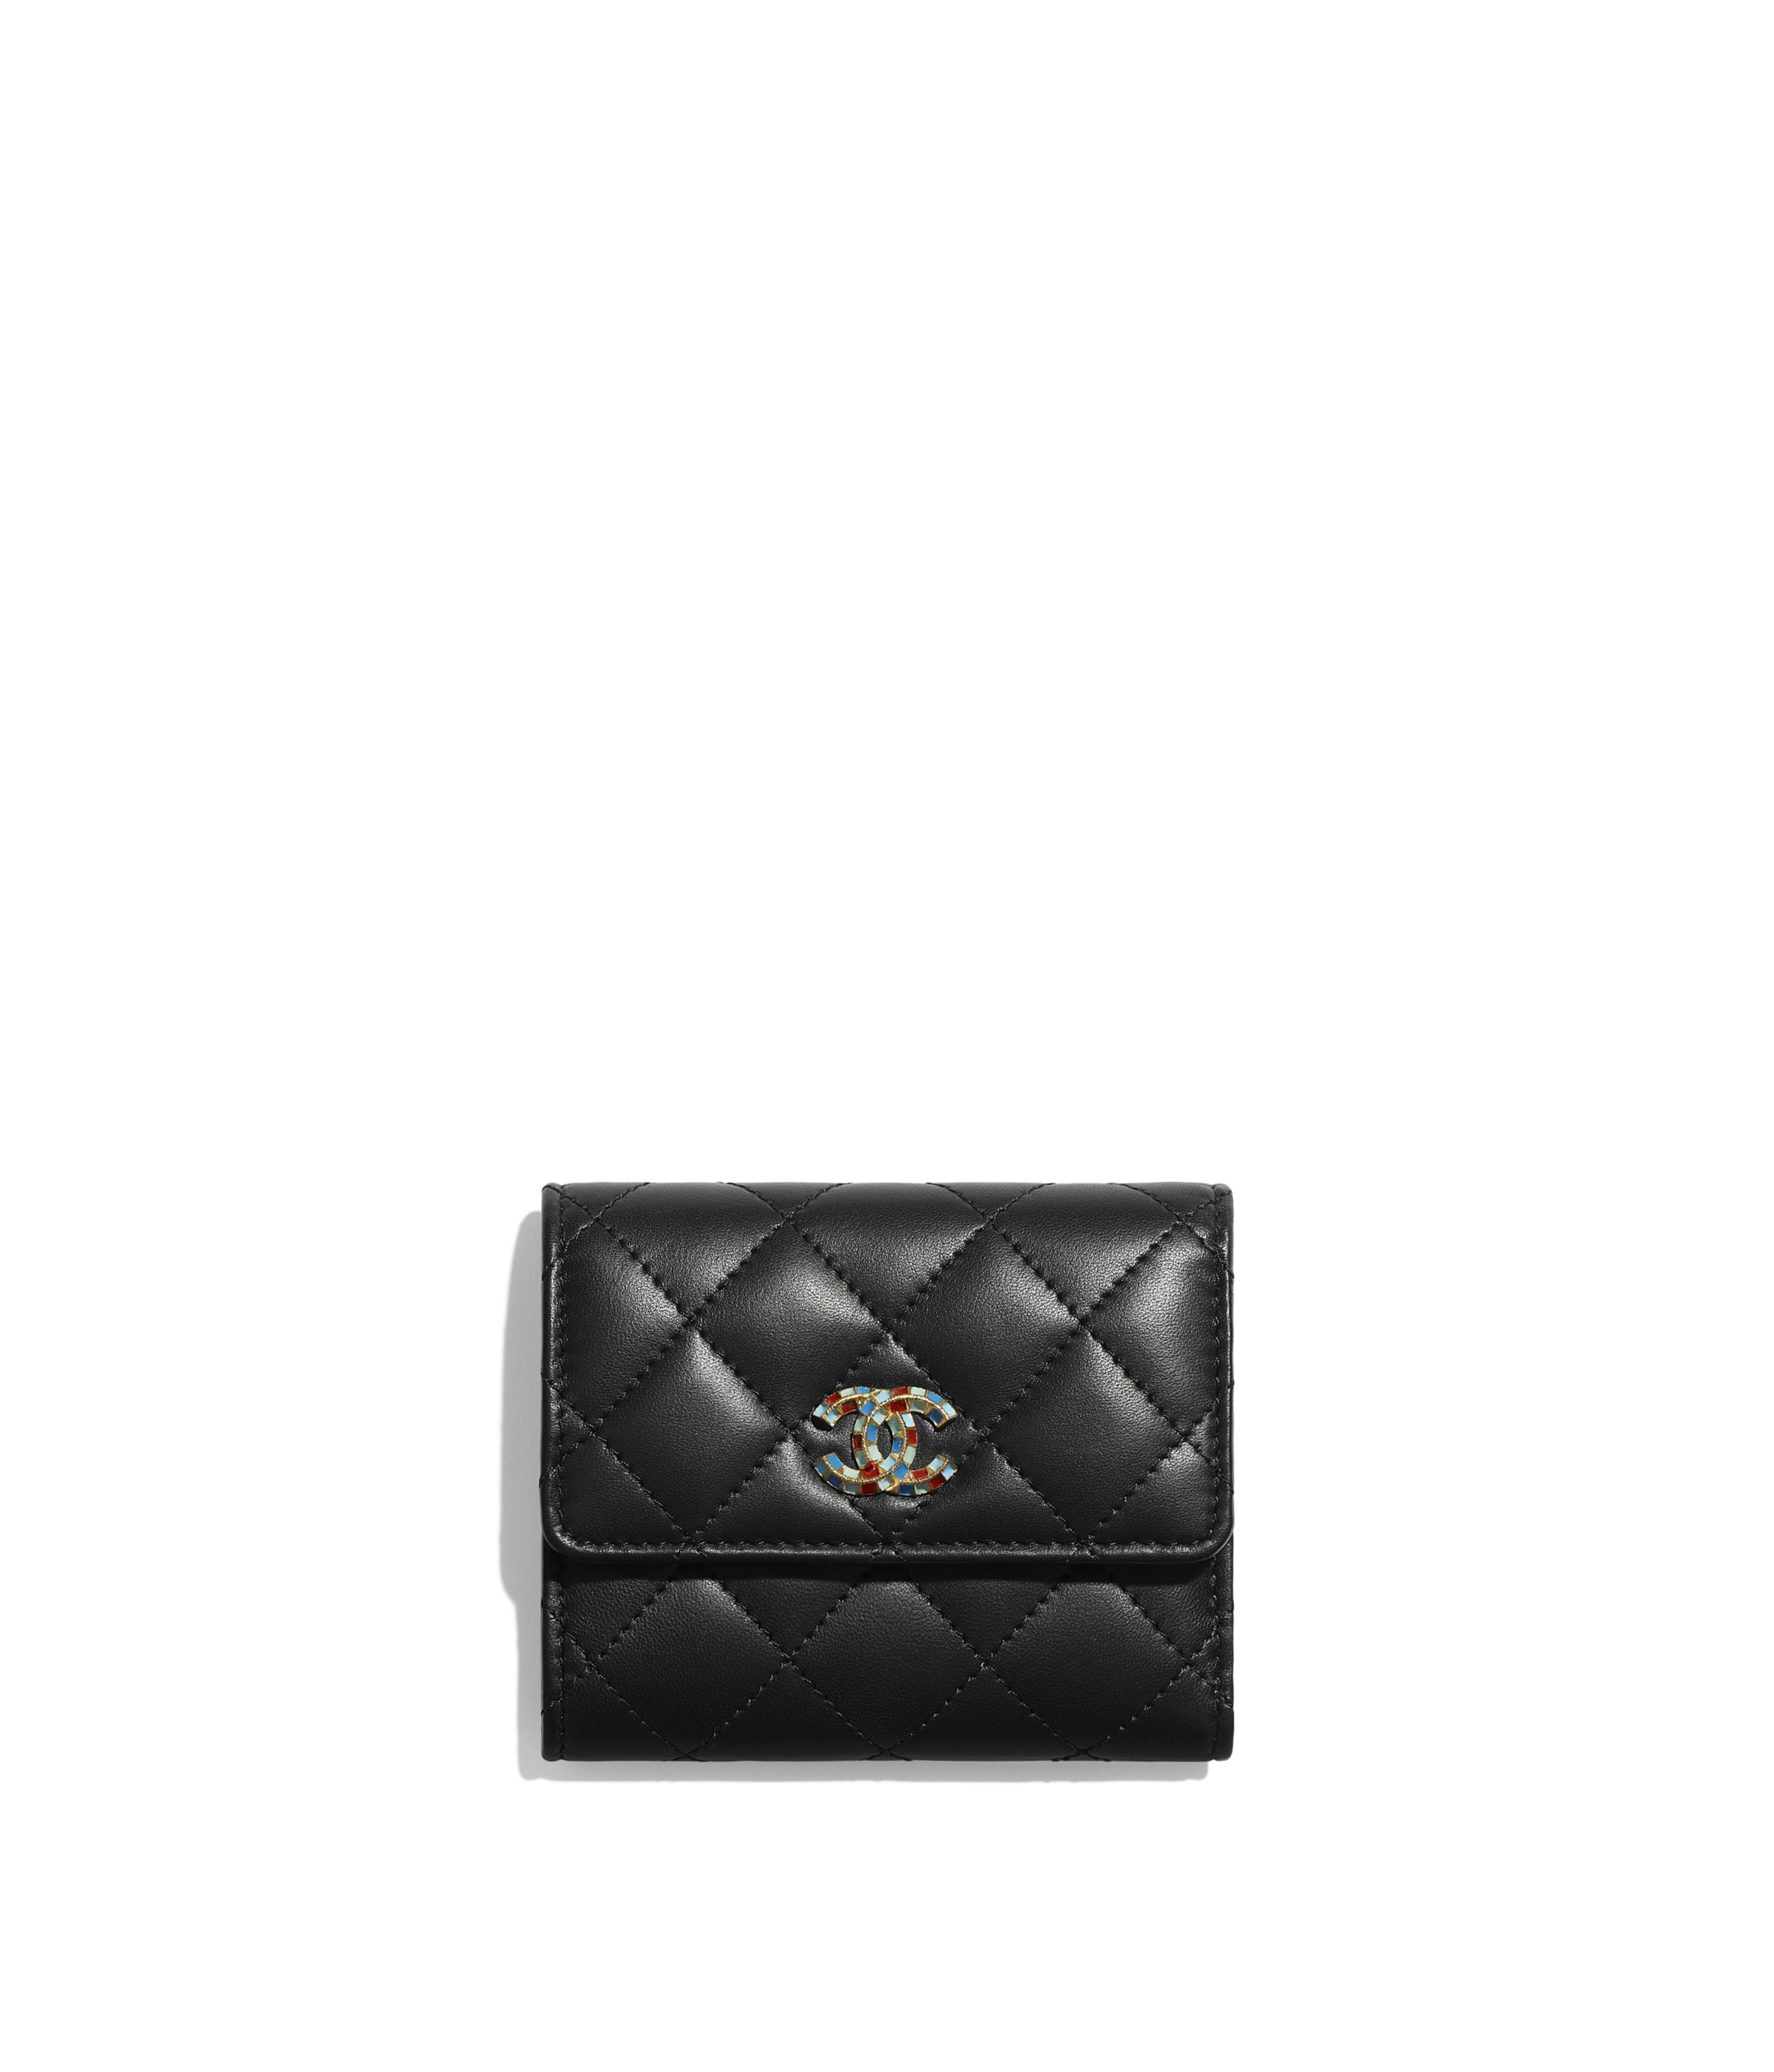 2d09f35ae7 Small Flap Wallet Lambskin & Gold-Tone Metal, Black Ref. AP0523B0086694305